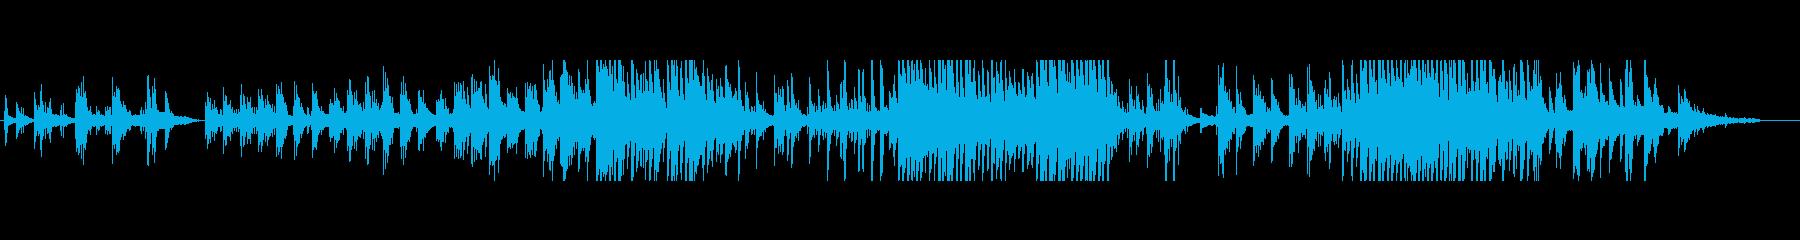 泣きたい時に聞きたい癒しの音楽ヒーリングの再生済みの波形